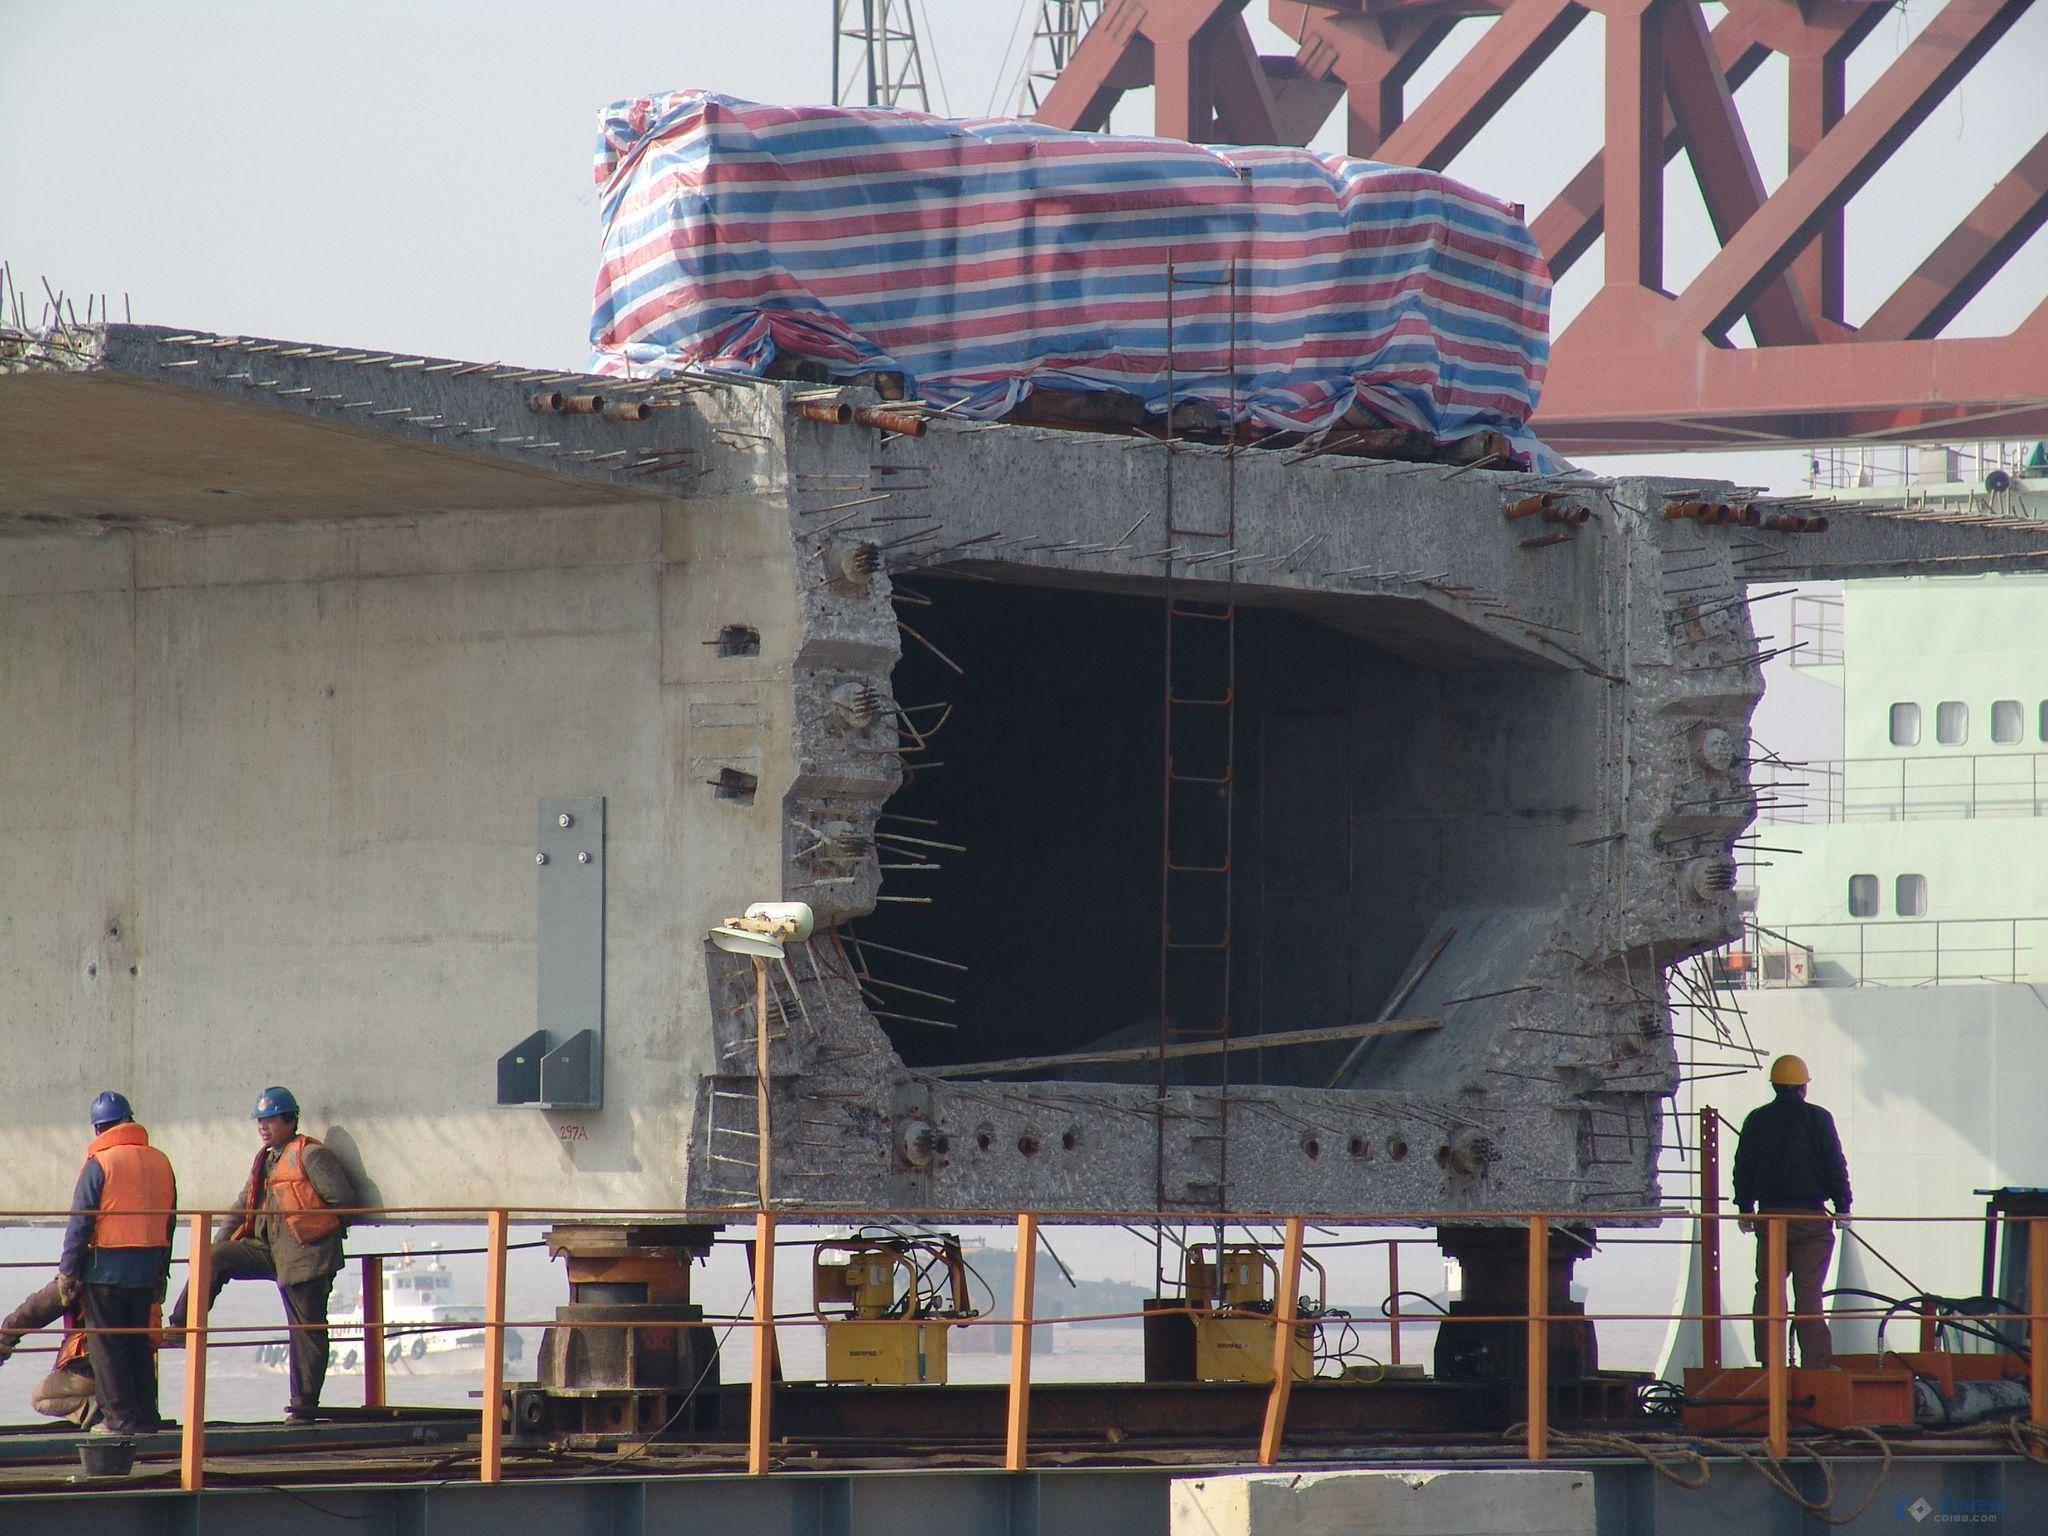 上海洋山东海大桥施工现场,主要是海上作业及箱梁制作